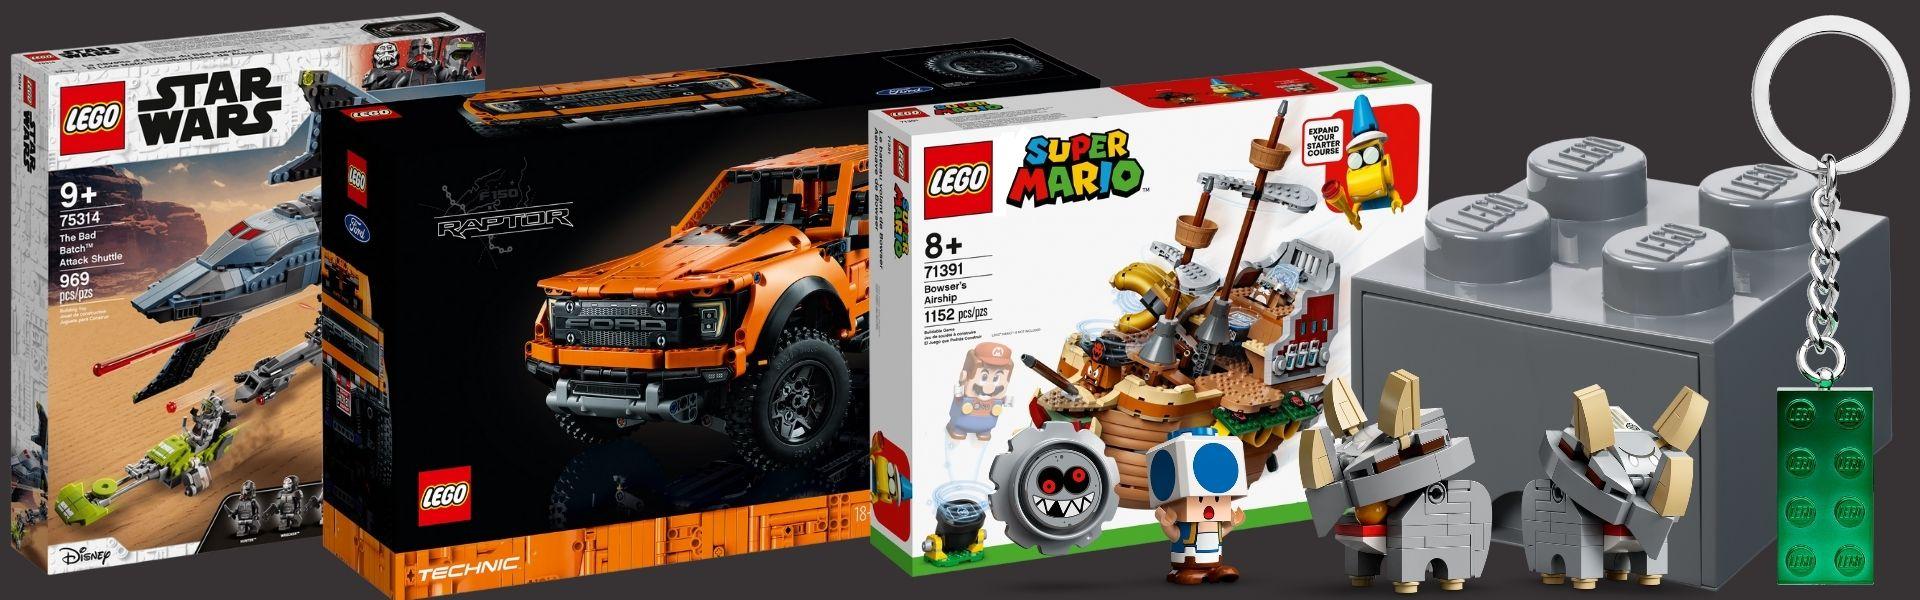 Overige LEGO releases juli 2021